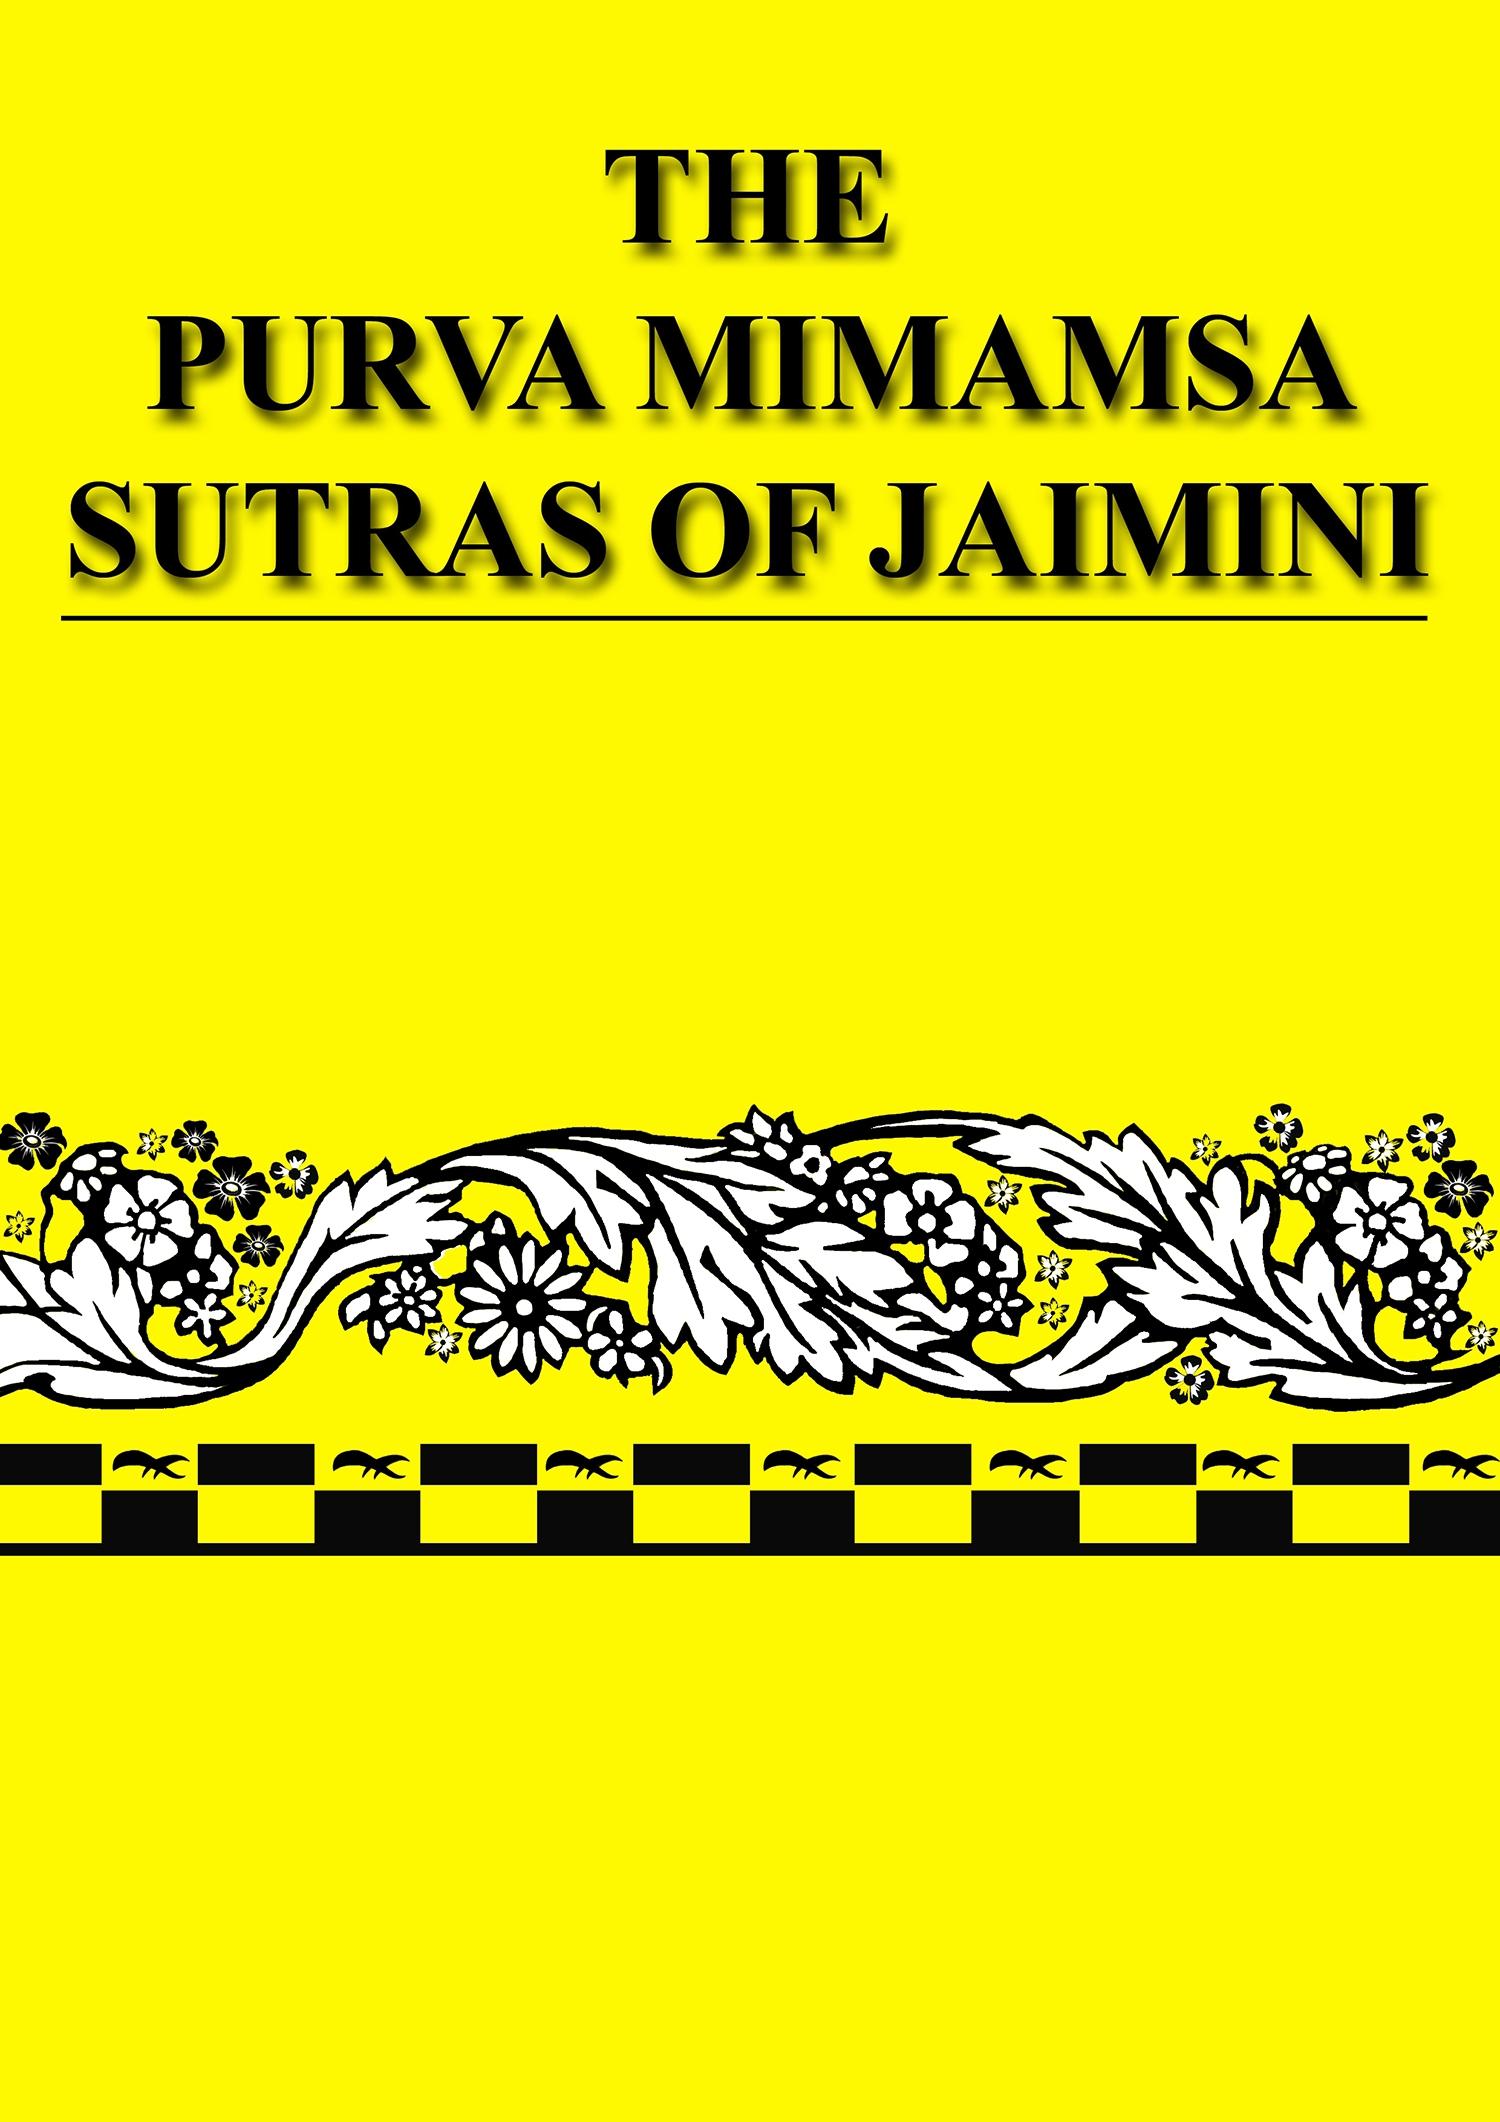 Purvamimamsa Darshanam